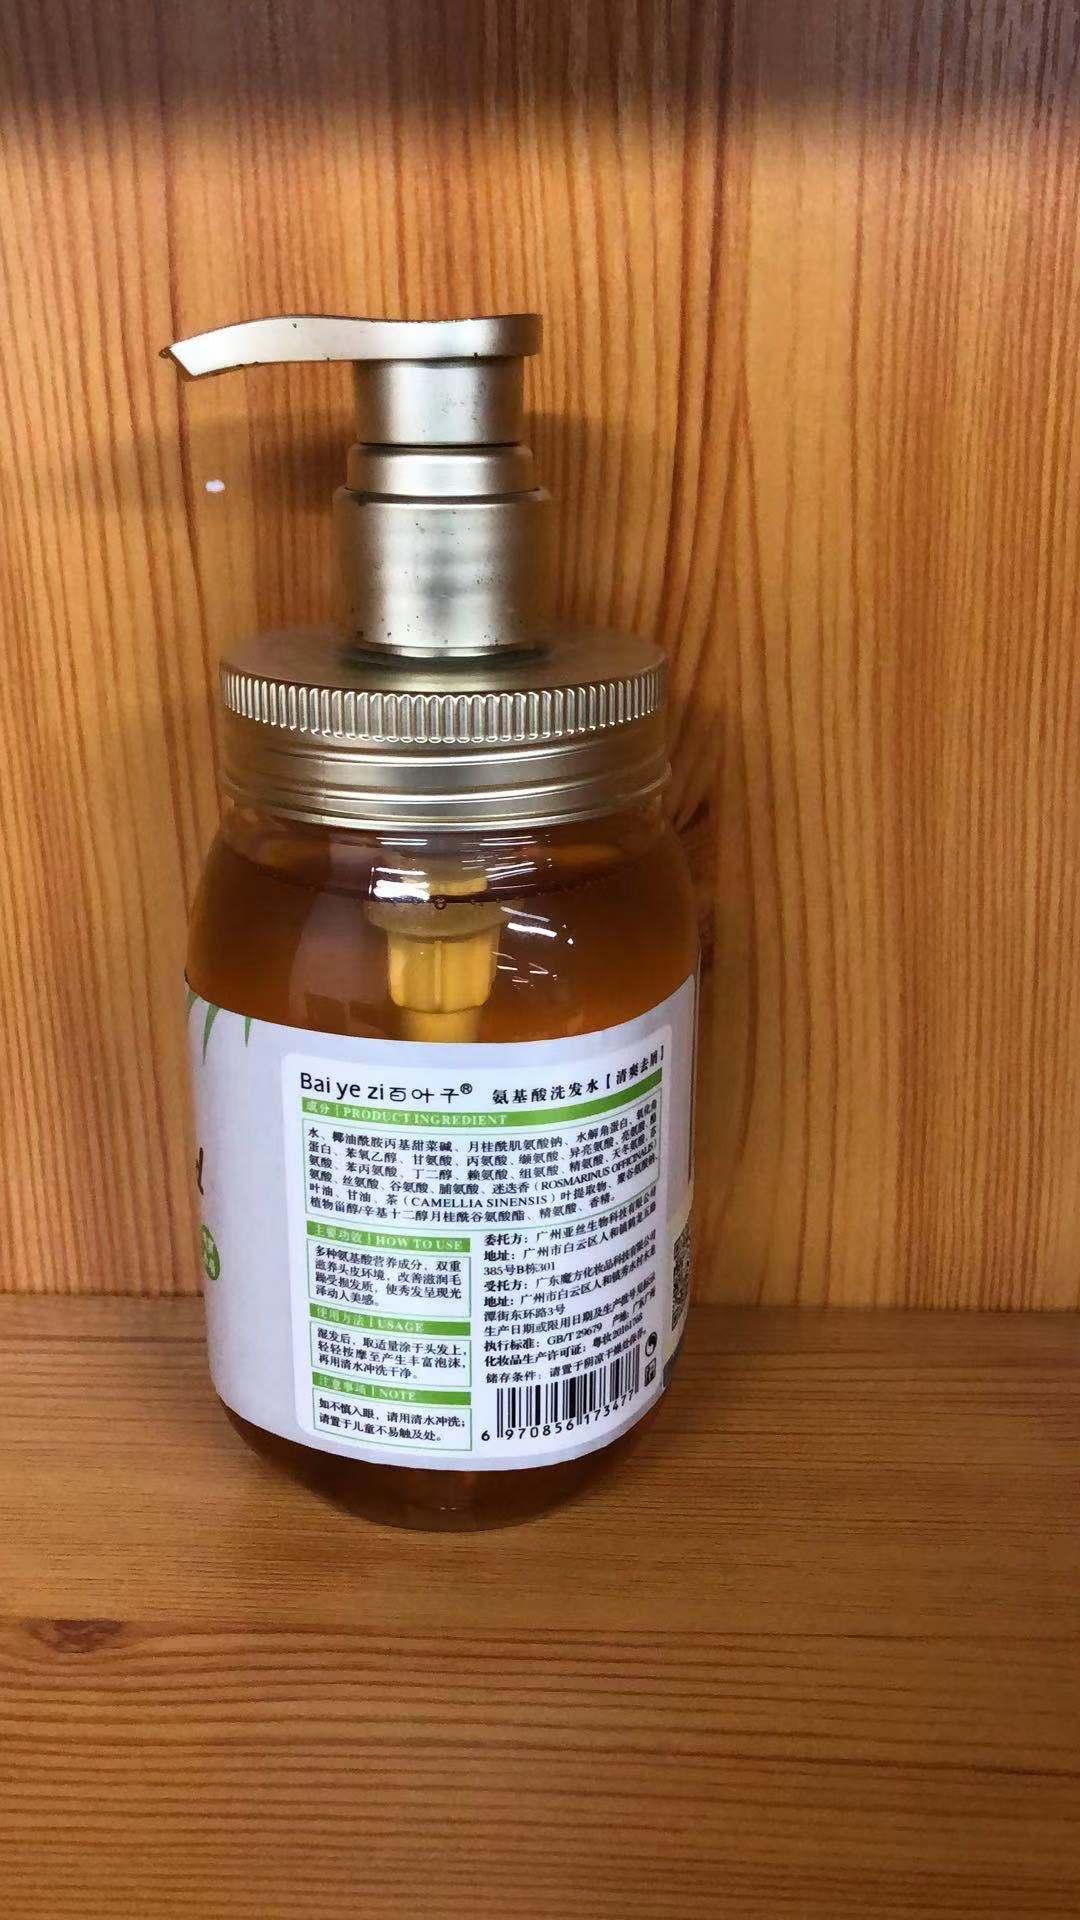 广州亚丝生物科技有限公司|百叶子护发:去屑洗发水不能常用